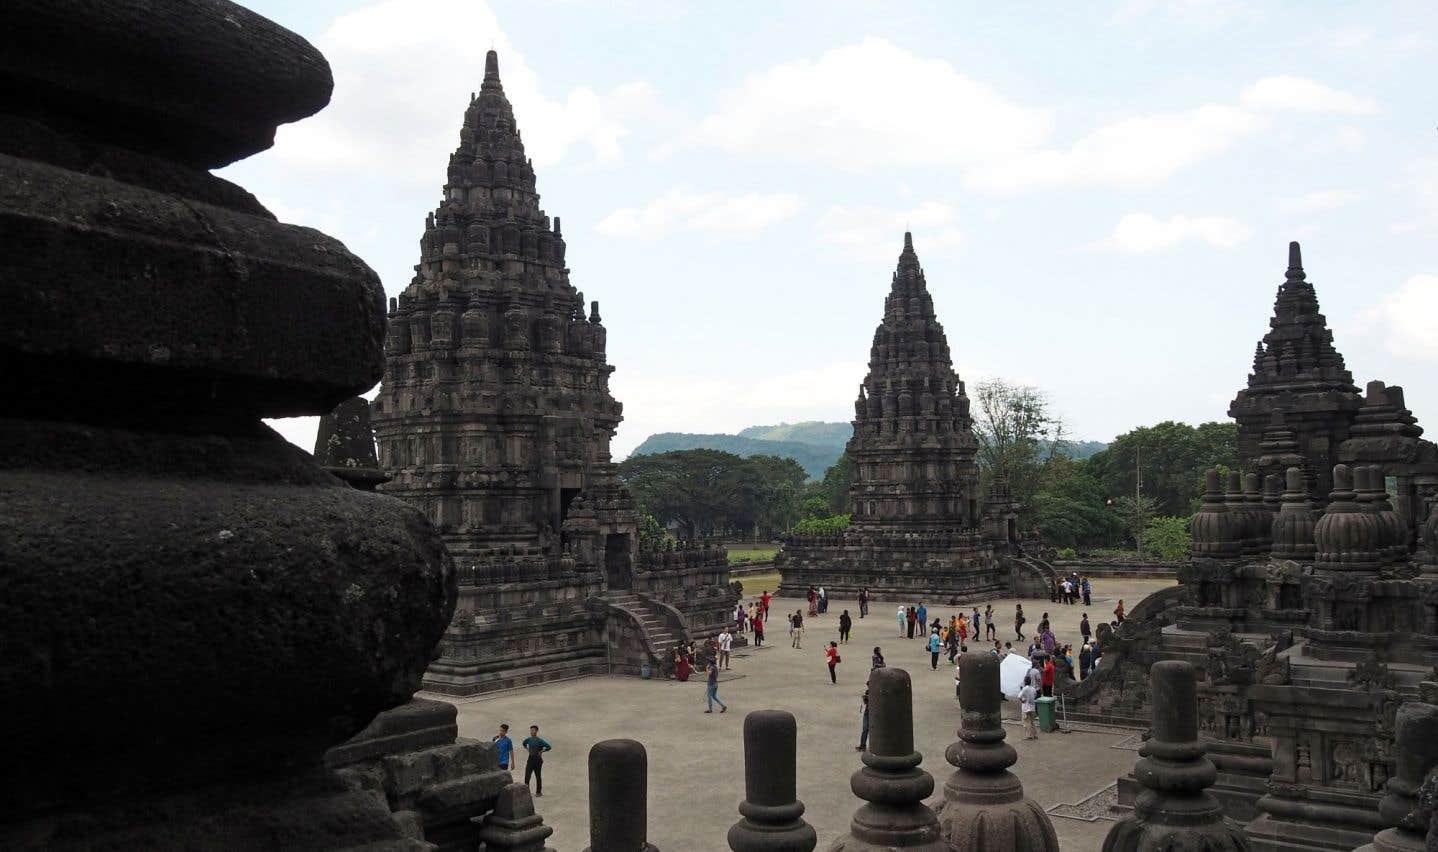 Le site hindou de Prambanan, édifié vers le Xe siècle près de l'actuelle Yogyakarta, est aussi impressionnant que son (presque) voisin Borobudur, un des plus grands monuments bouddhistes du monde.